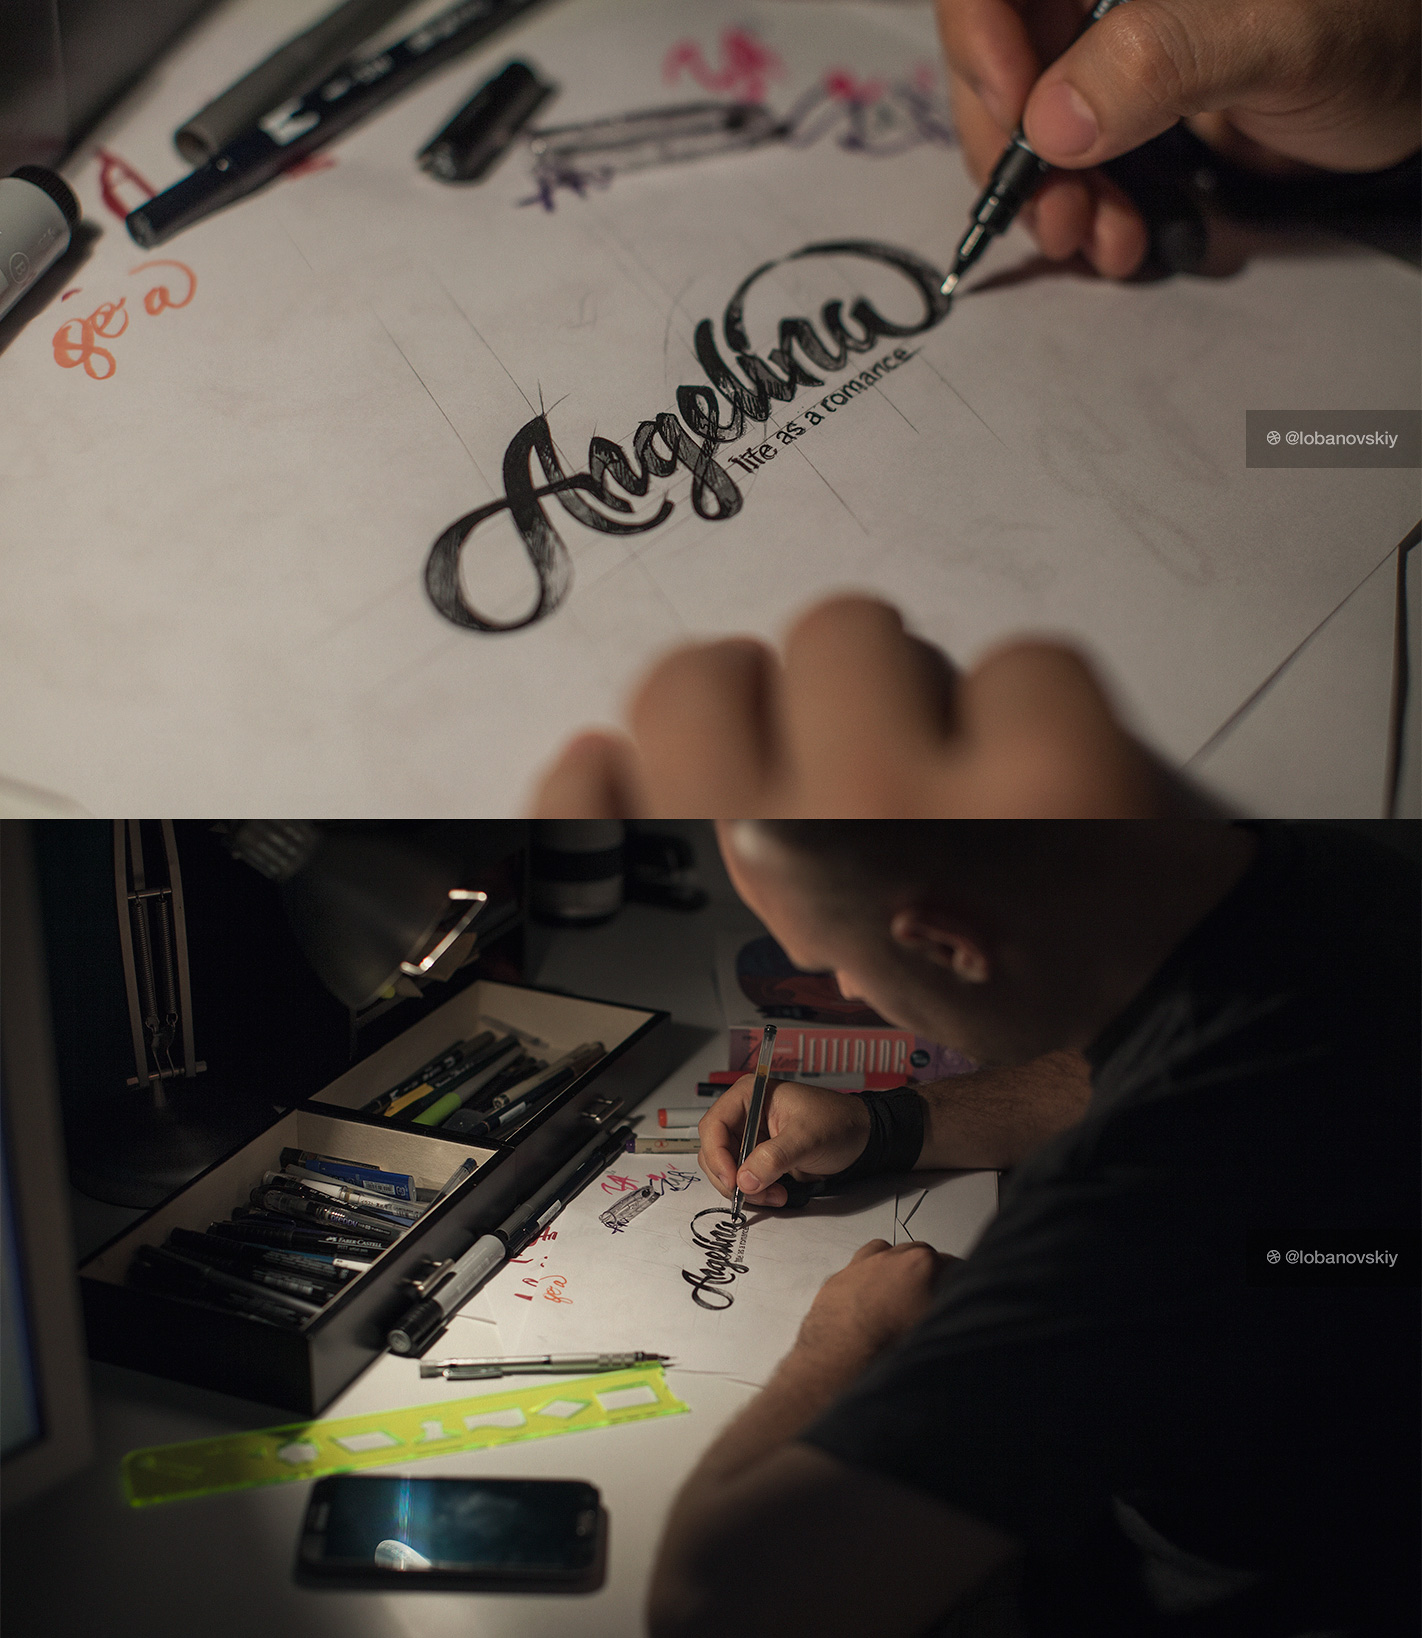 亲爱的设计师们,你多久没有动笔了?